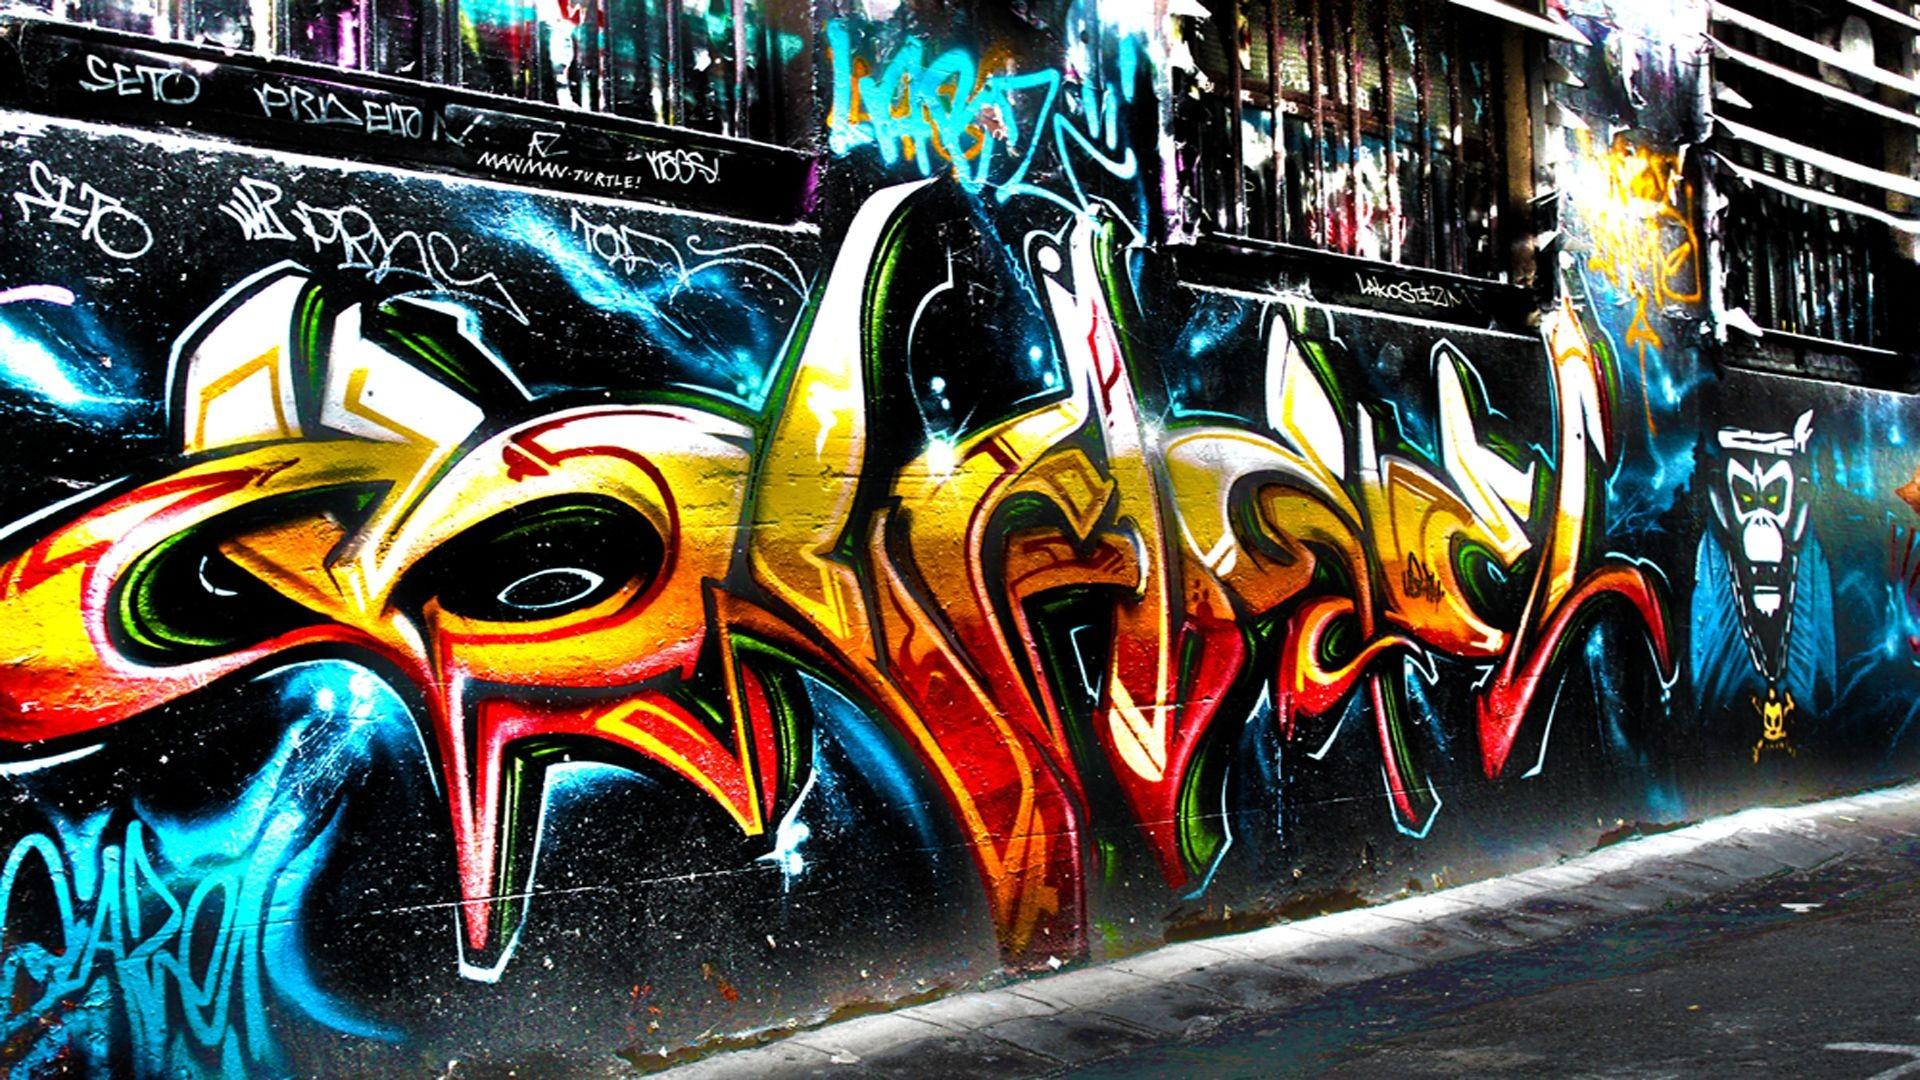 3d Street Art Wallpaper 50 Images